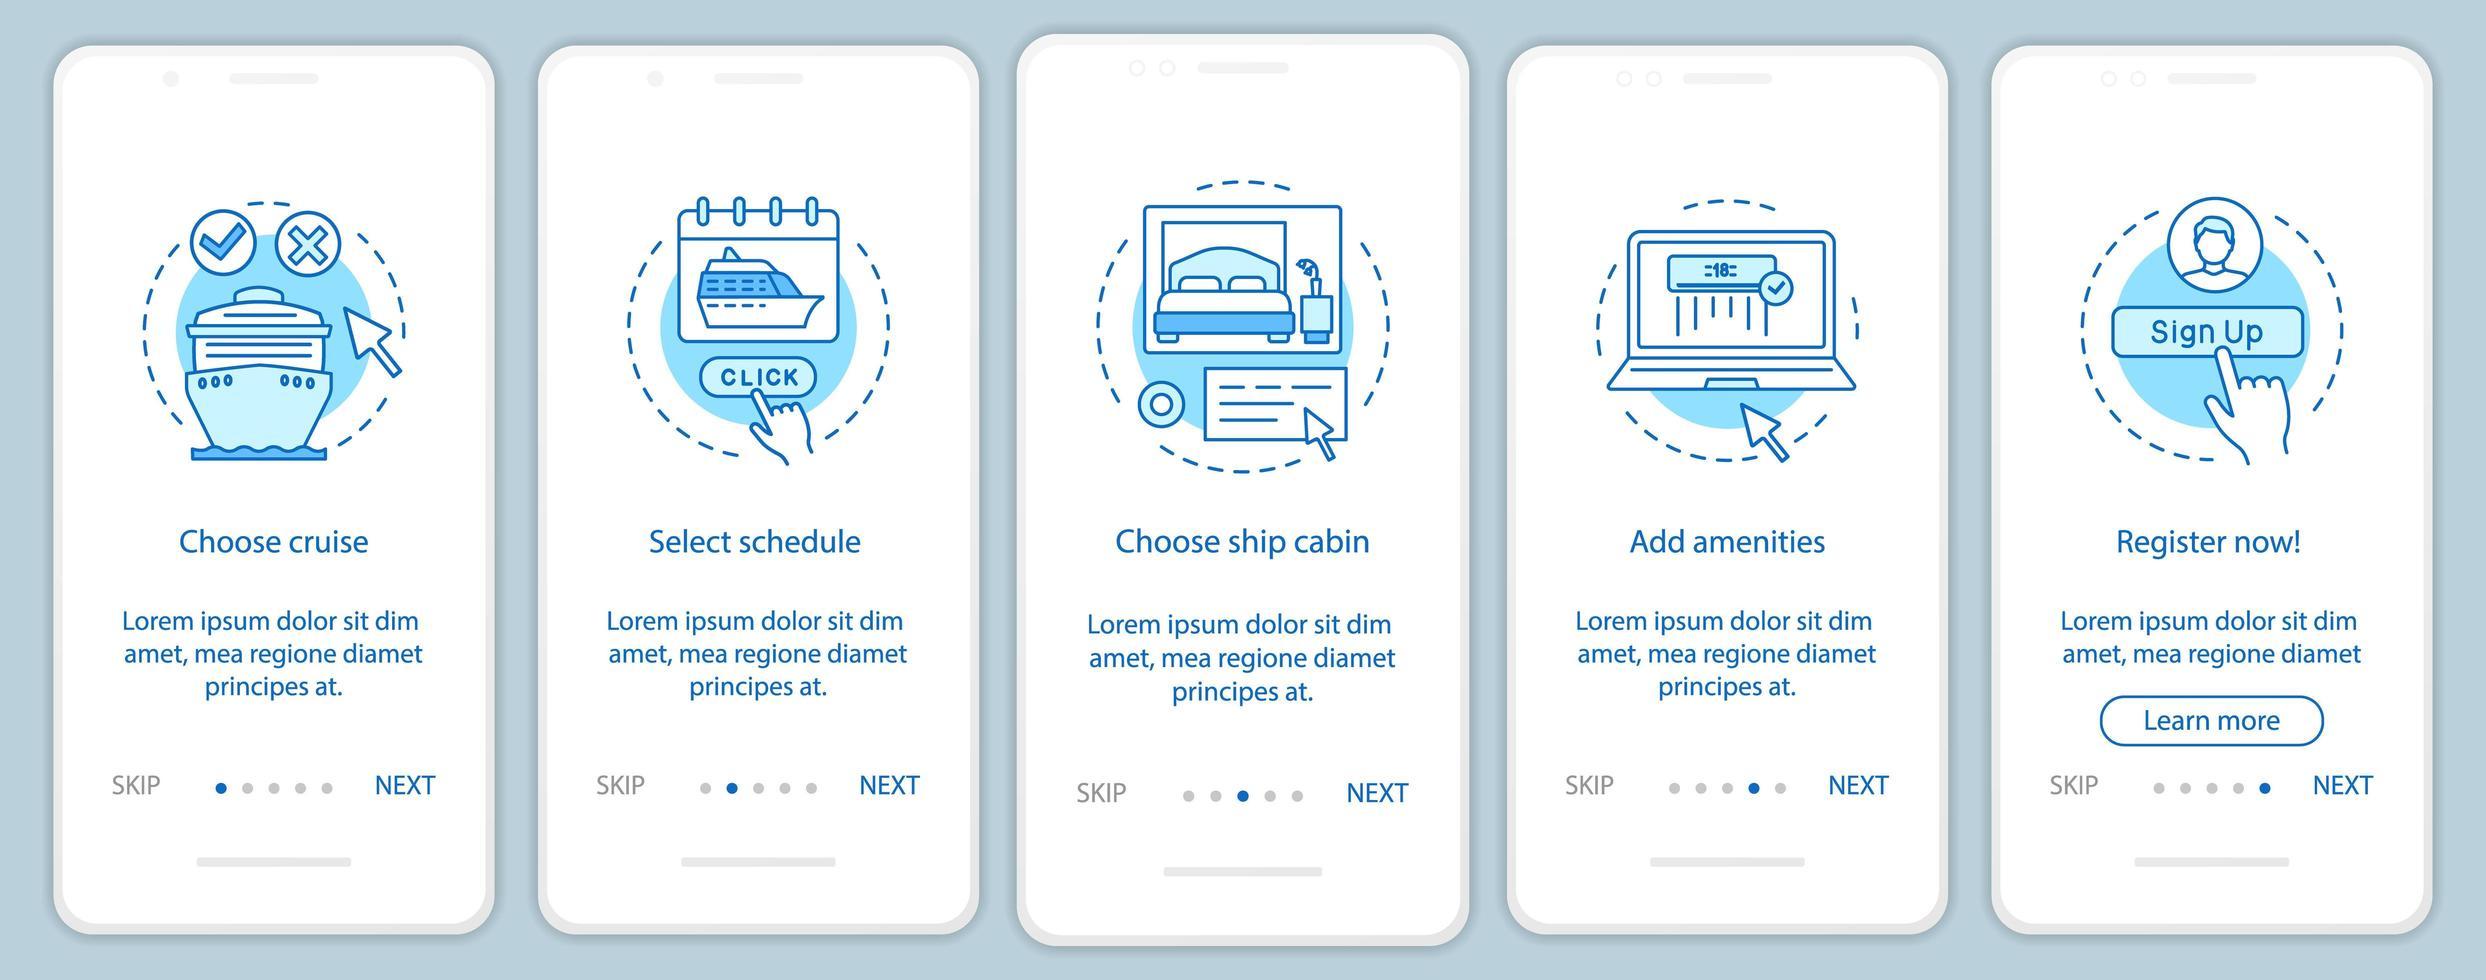 pagina dell'app mobile per la prenotazione di crociere online vettore